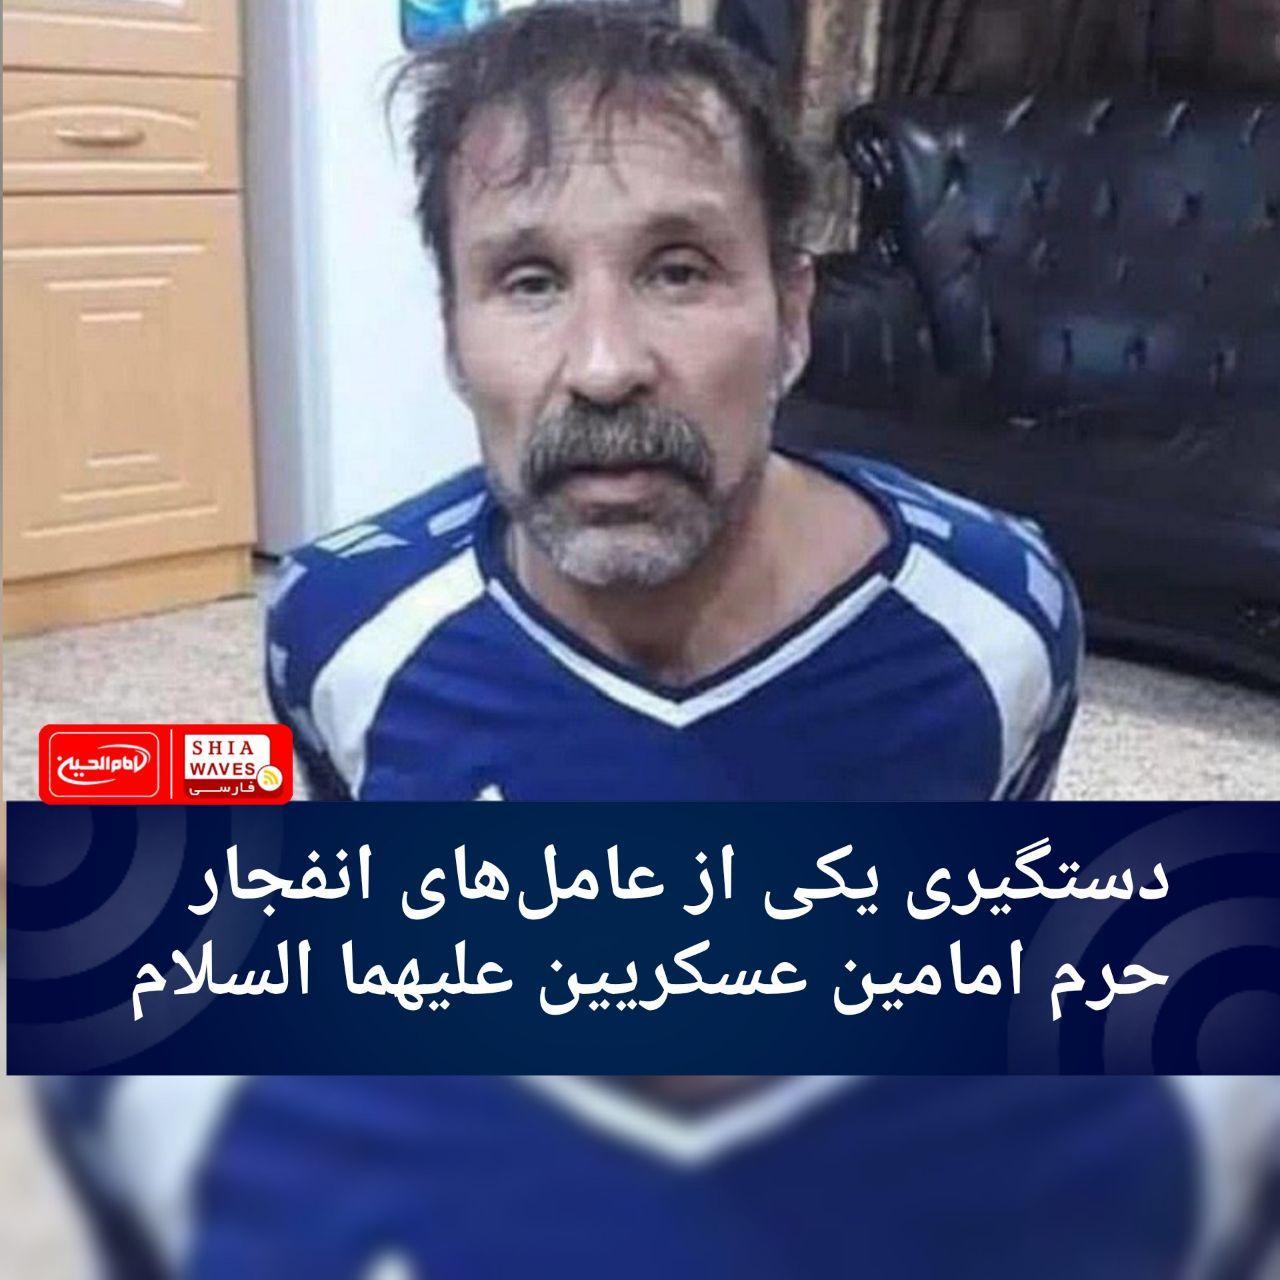 تصویر دستگیری یکی از عاملهای انفجار حرم امامین عسکریین علیهما السلام